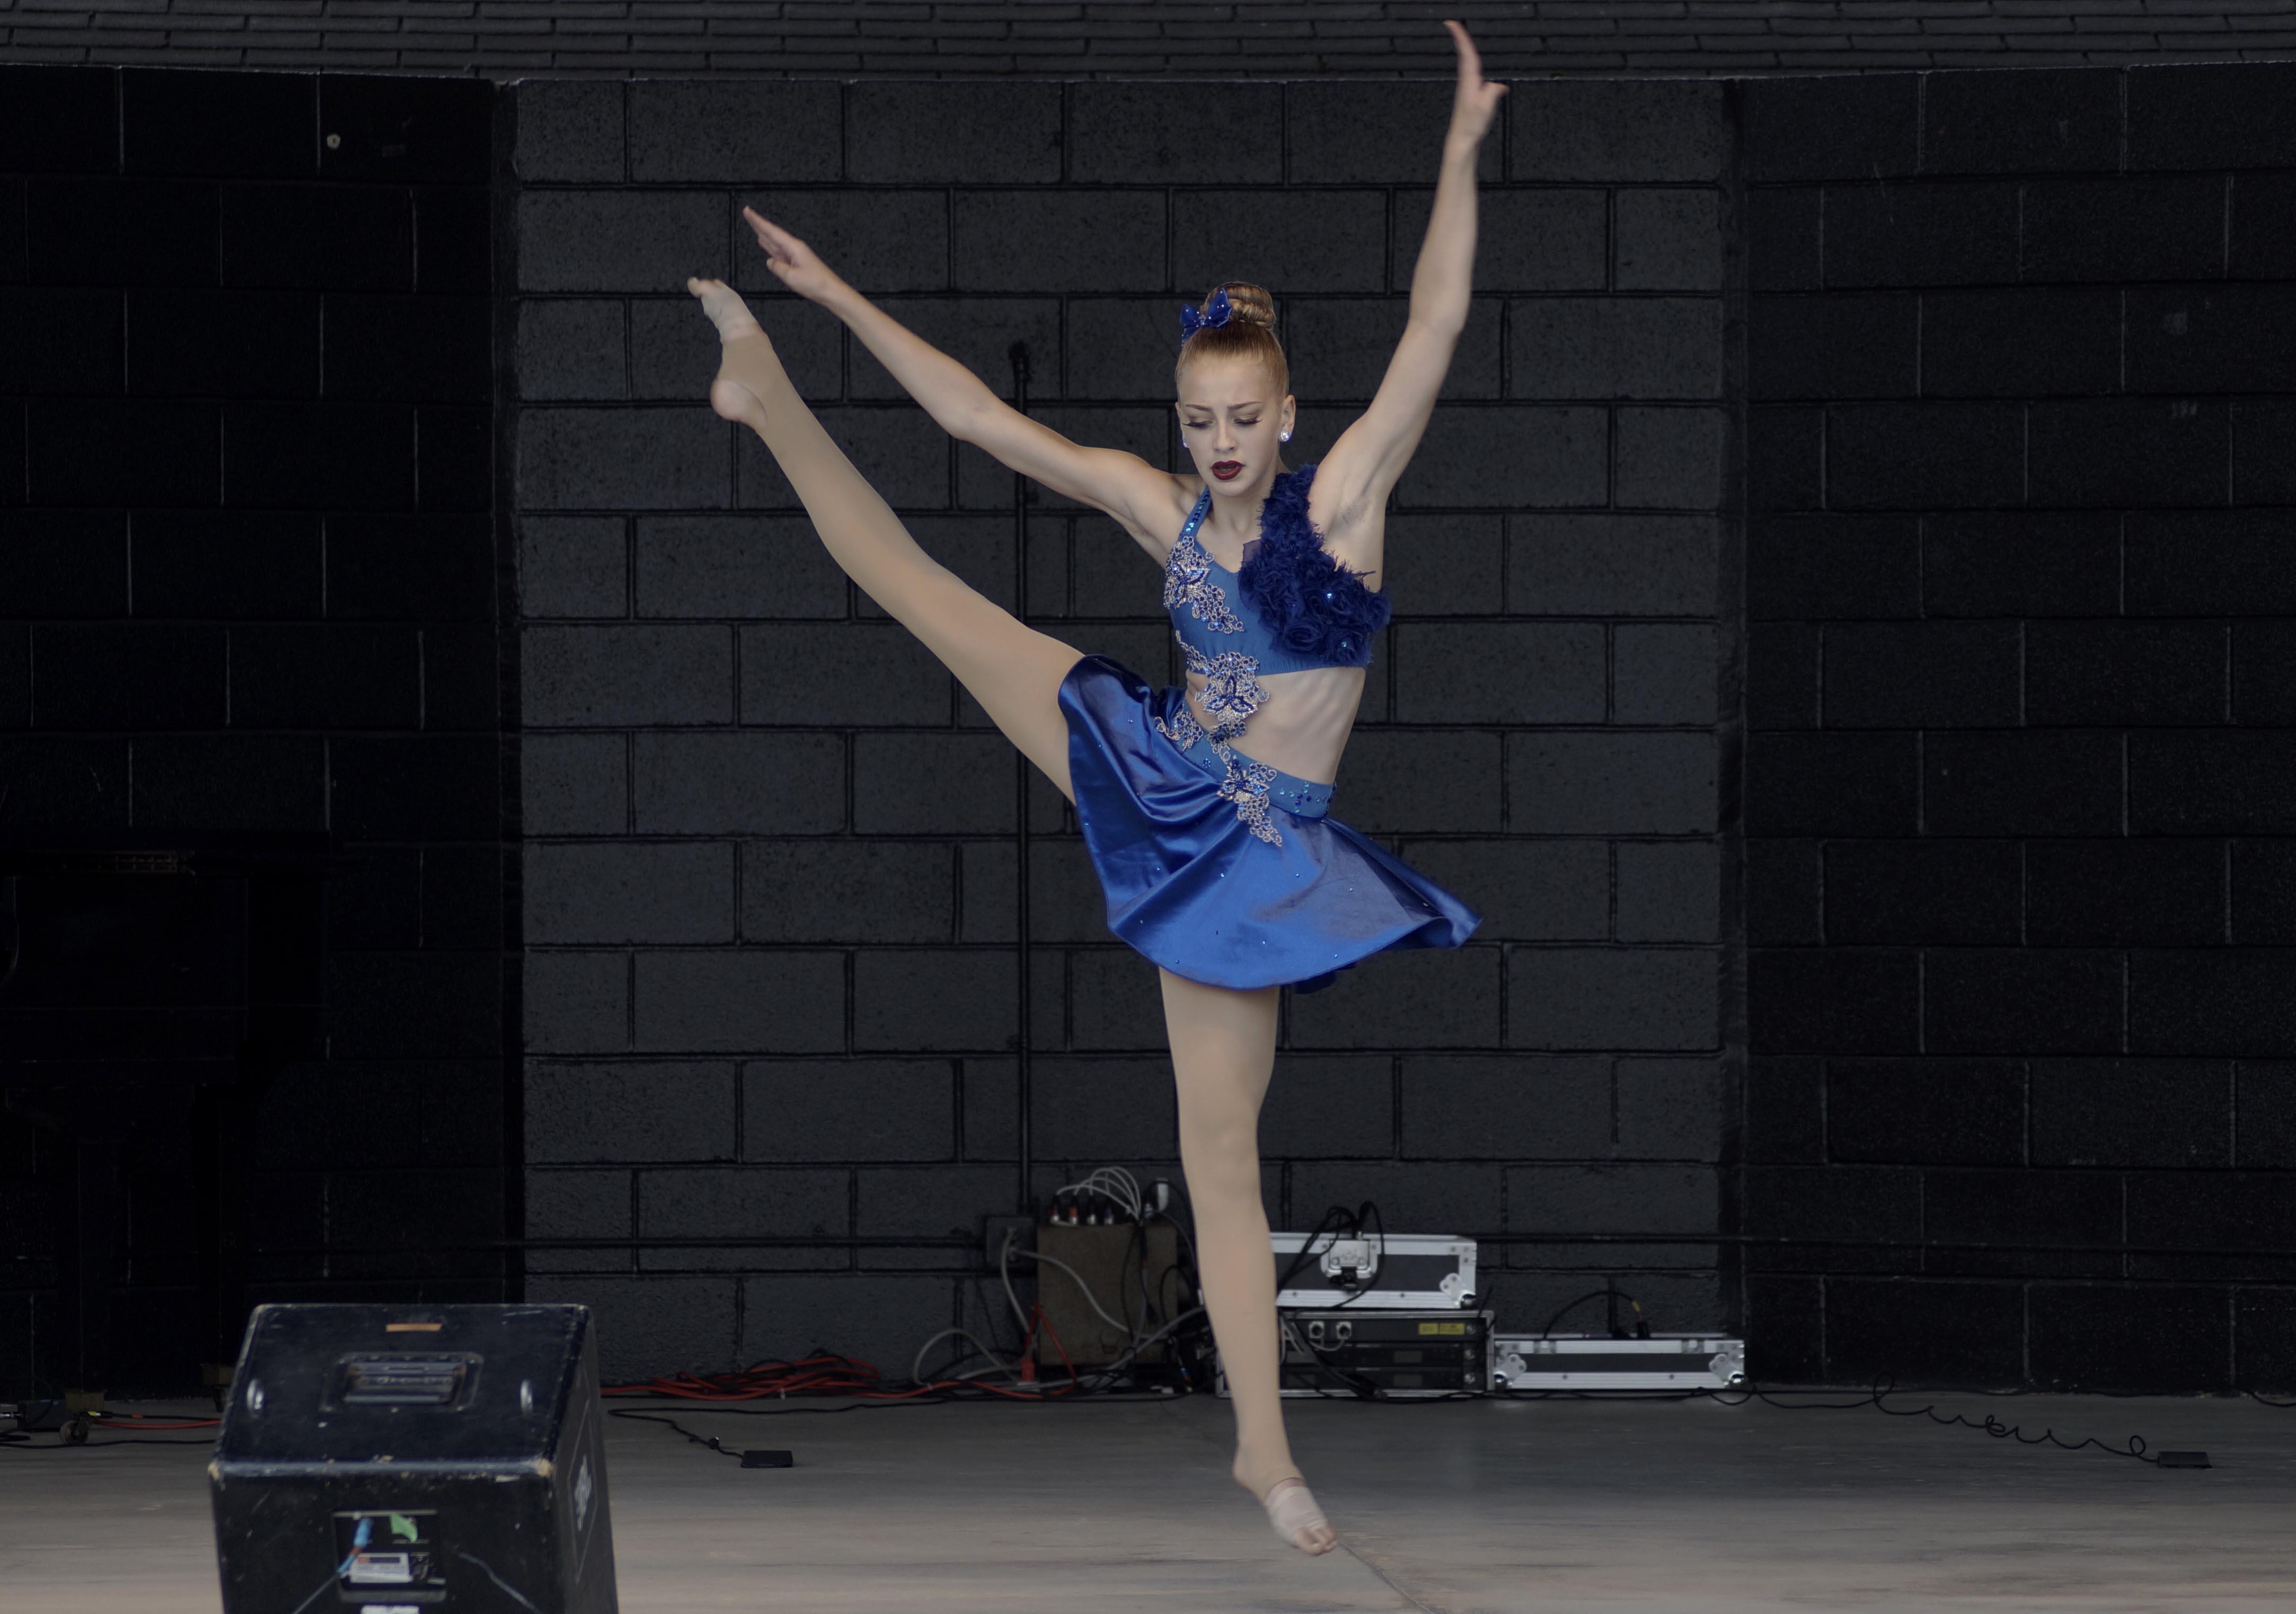 BALLET GIRL 15